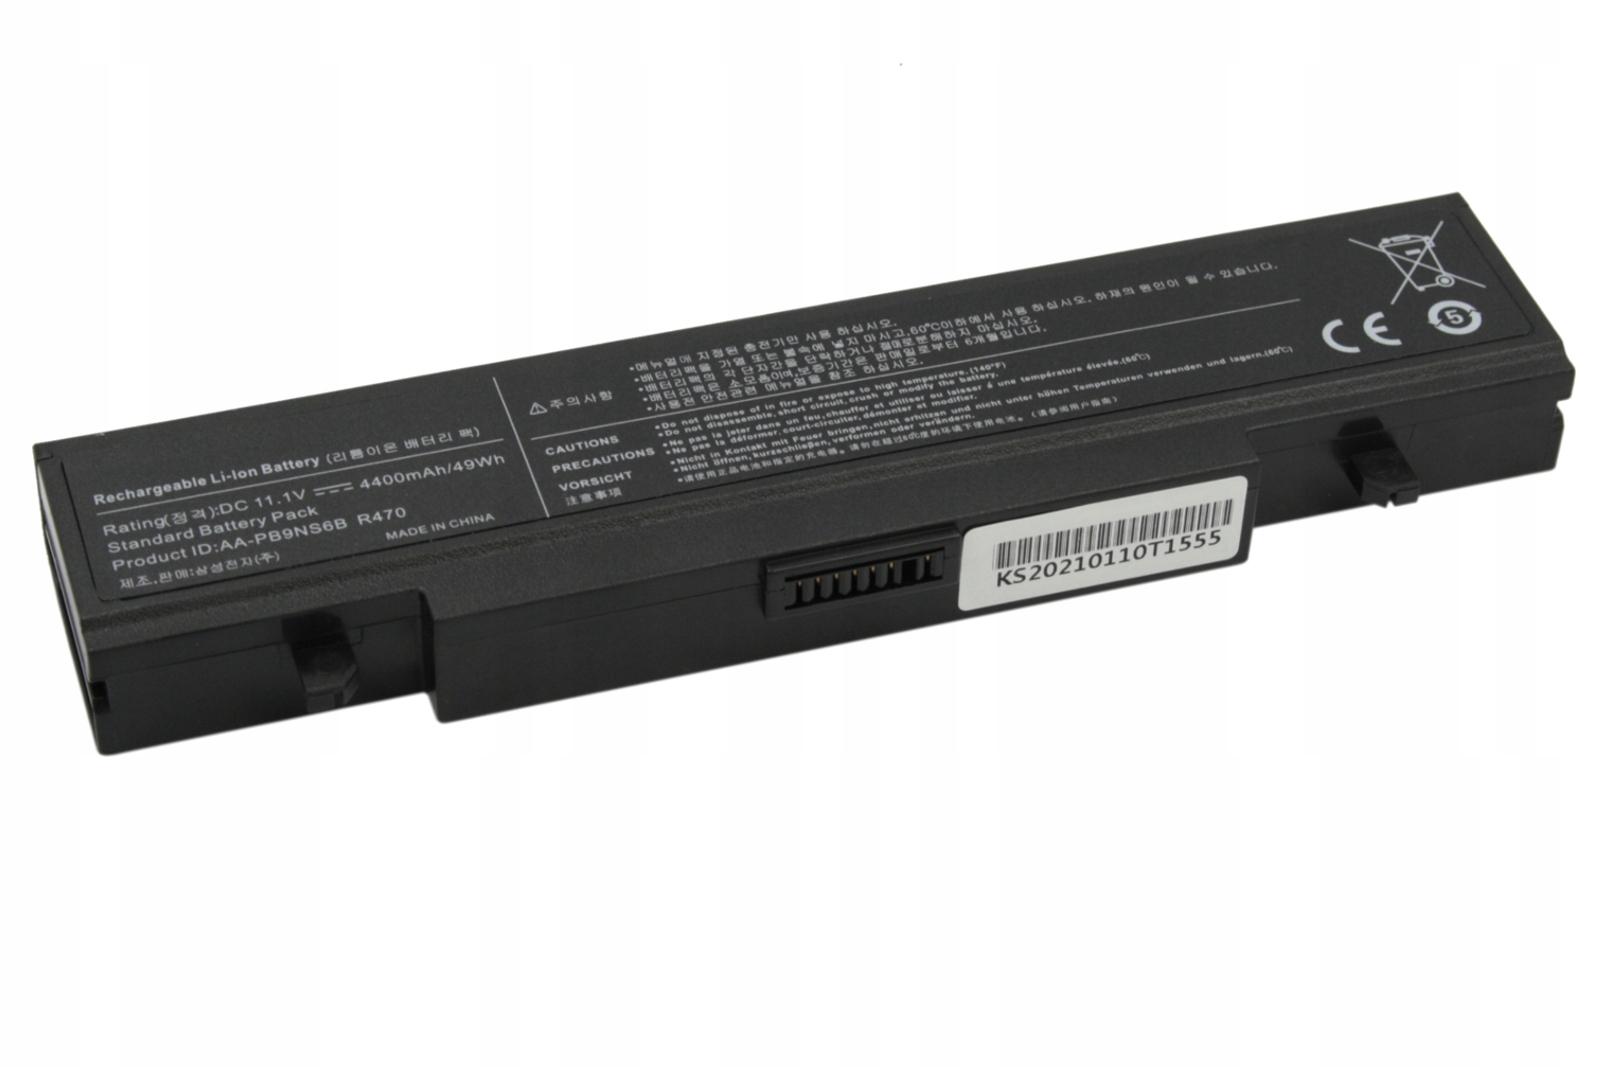 BATERIA AKUMULATOR SAMSUNG Q318 Q320 R519 R530 R540 R580 AA-PB9NC6B - Baterie do laptopów